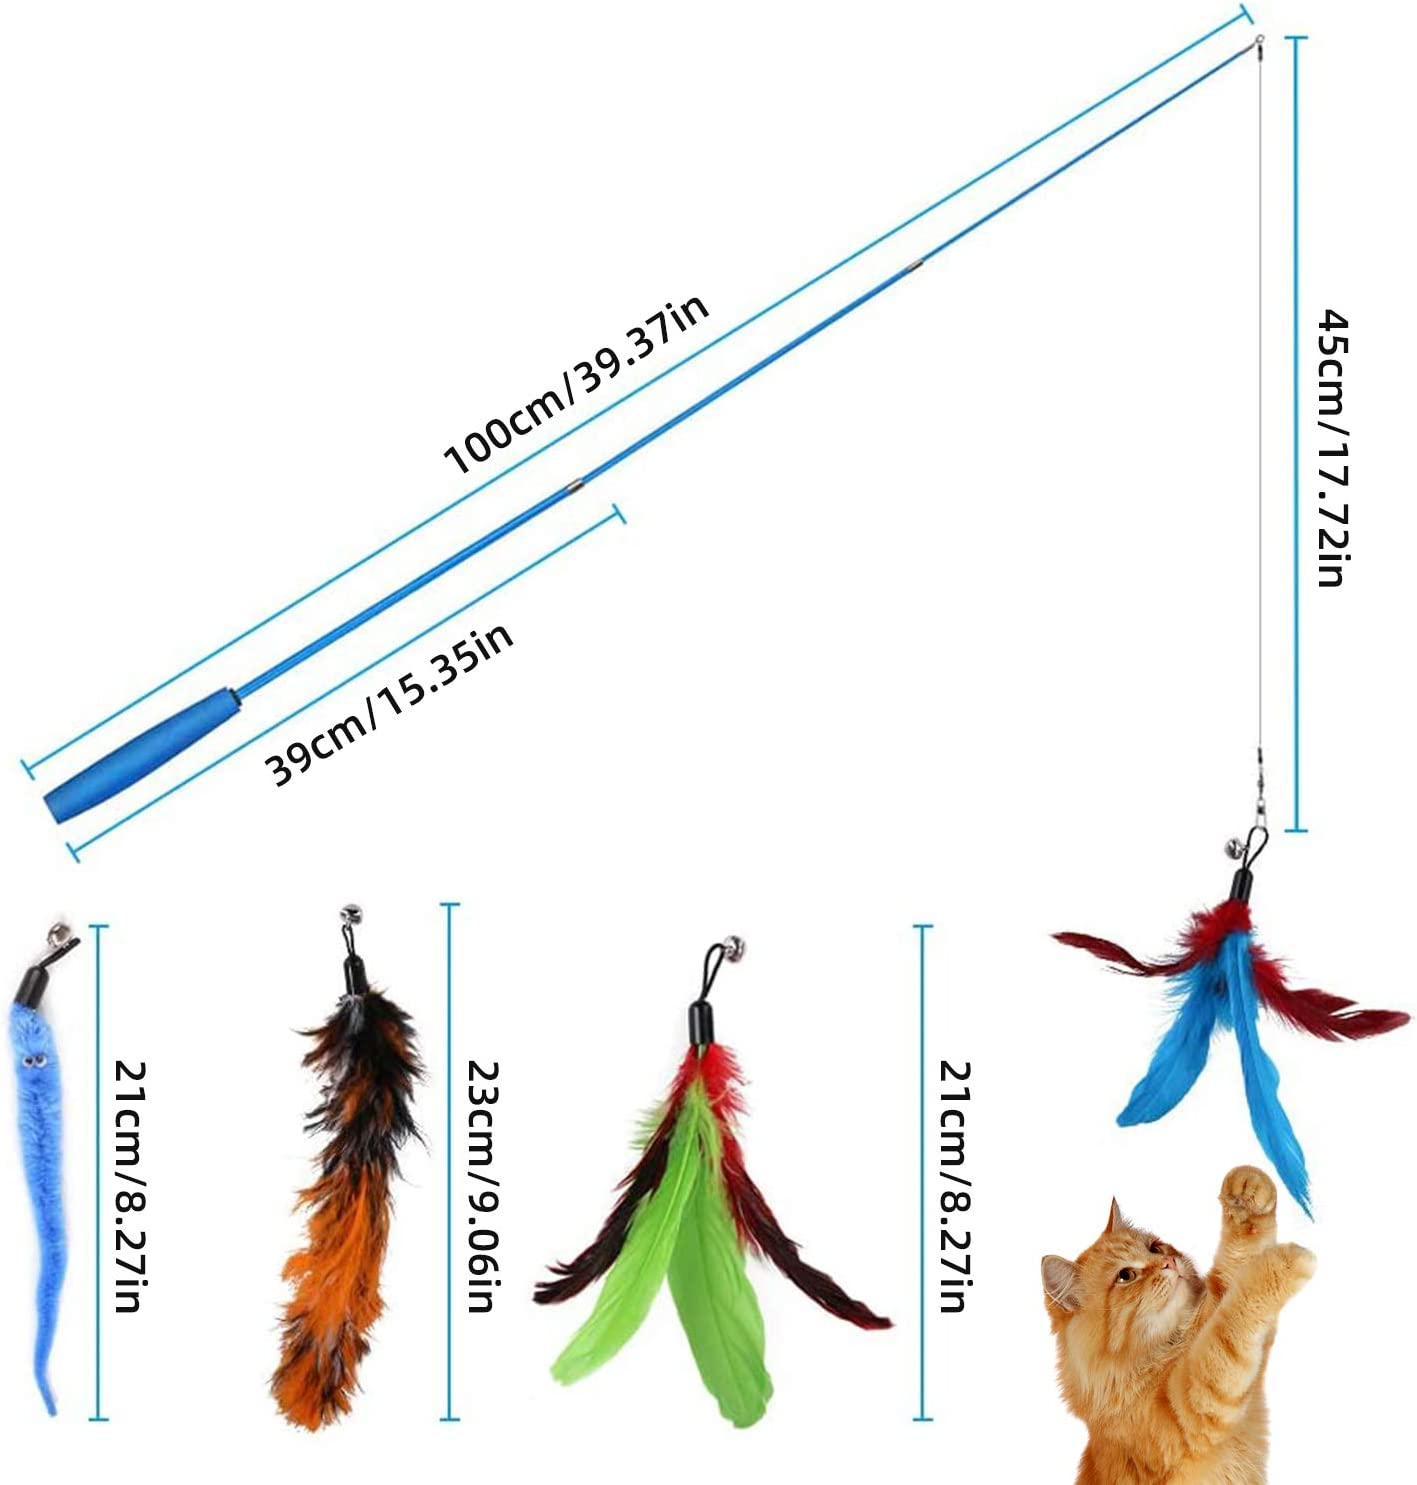 11 PCS Juguete Pluma de Gato Interactivo,Juguetes para Gatos interactivos para Gatos de interiorJuguete retr/áctil para Gatos con Palo de burla con Campanas y Juguetes de Plumas para interacci/ón